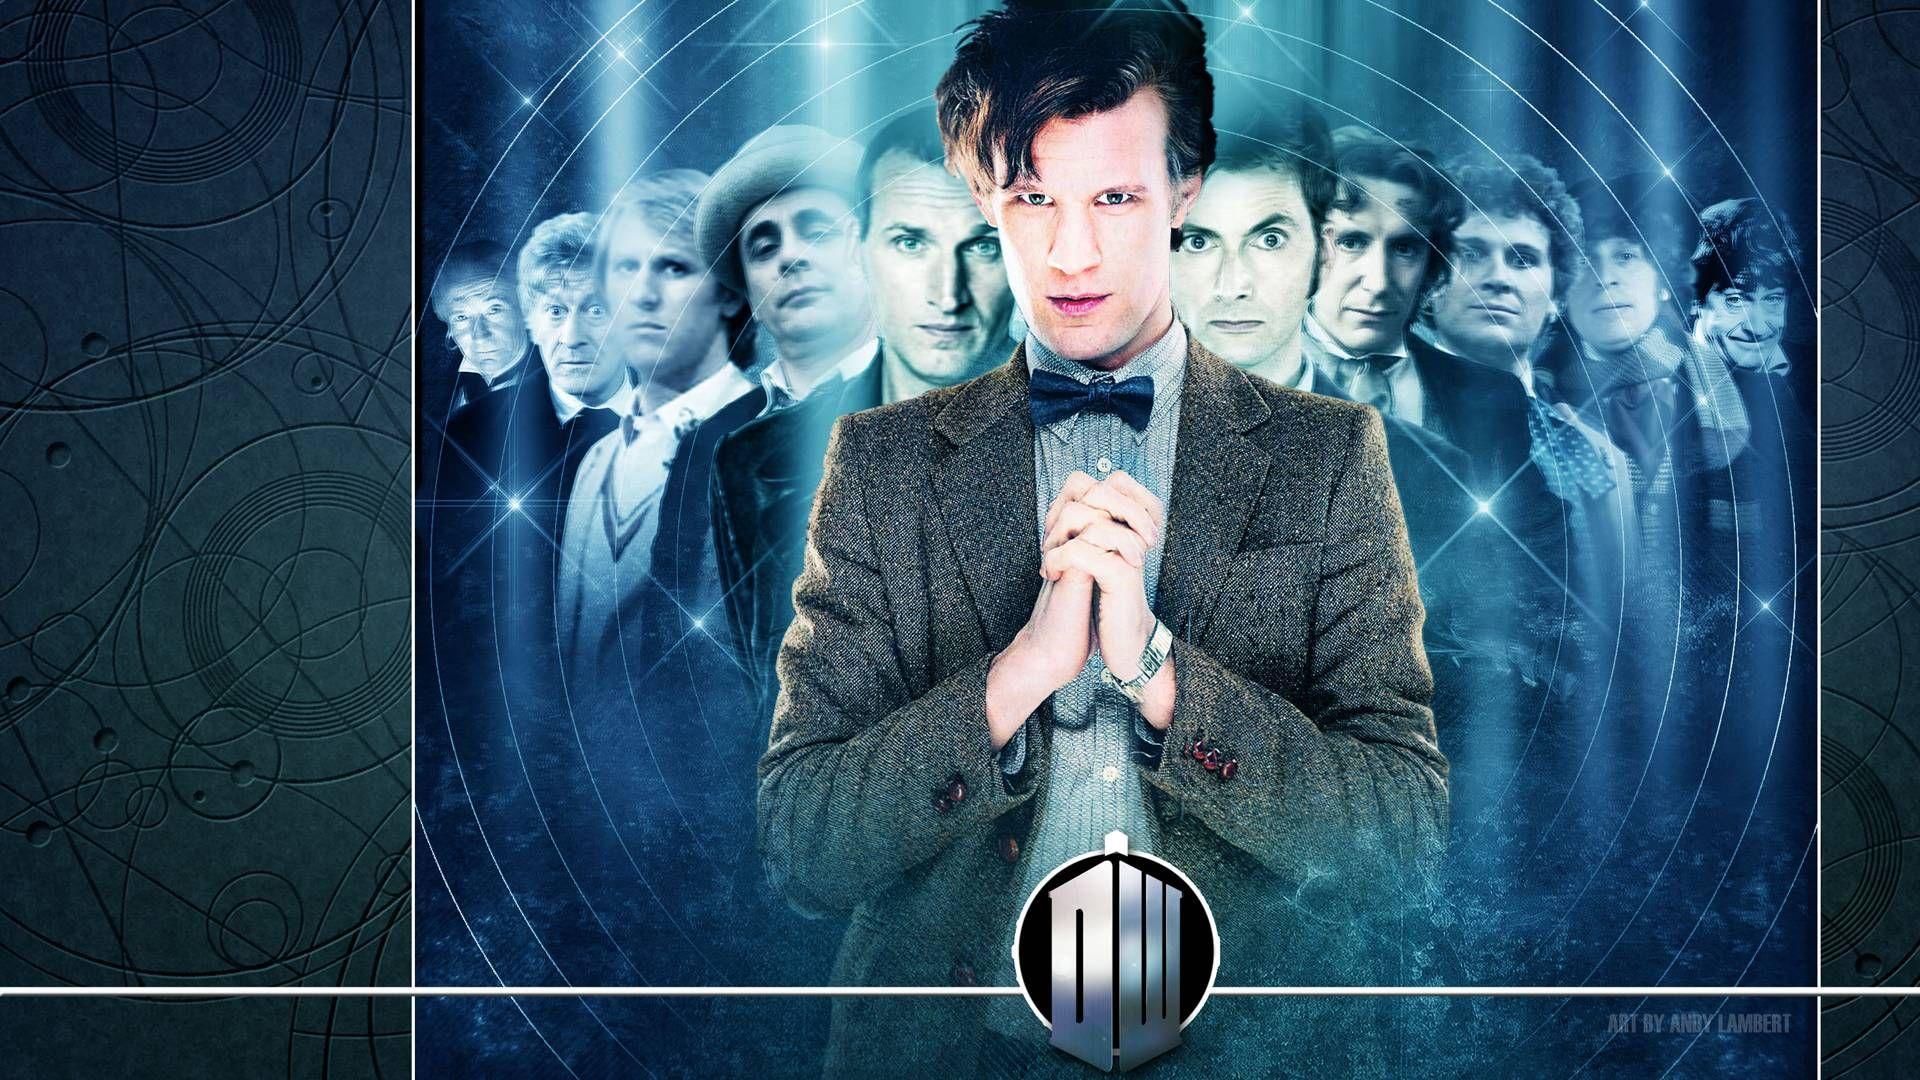 Dr Who Wallpapers For Desktop 1920 1080 Dr Who Desktop Wallpapers 42 Wallpapers Adorable Wallpapers Doctor Who Wallpaper Doctor Who Matt Smith Doctor